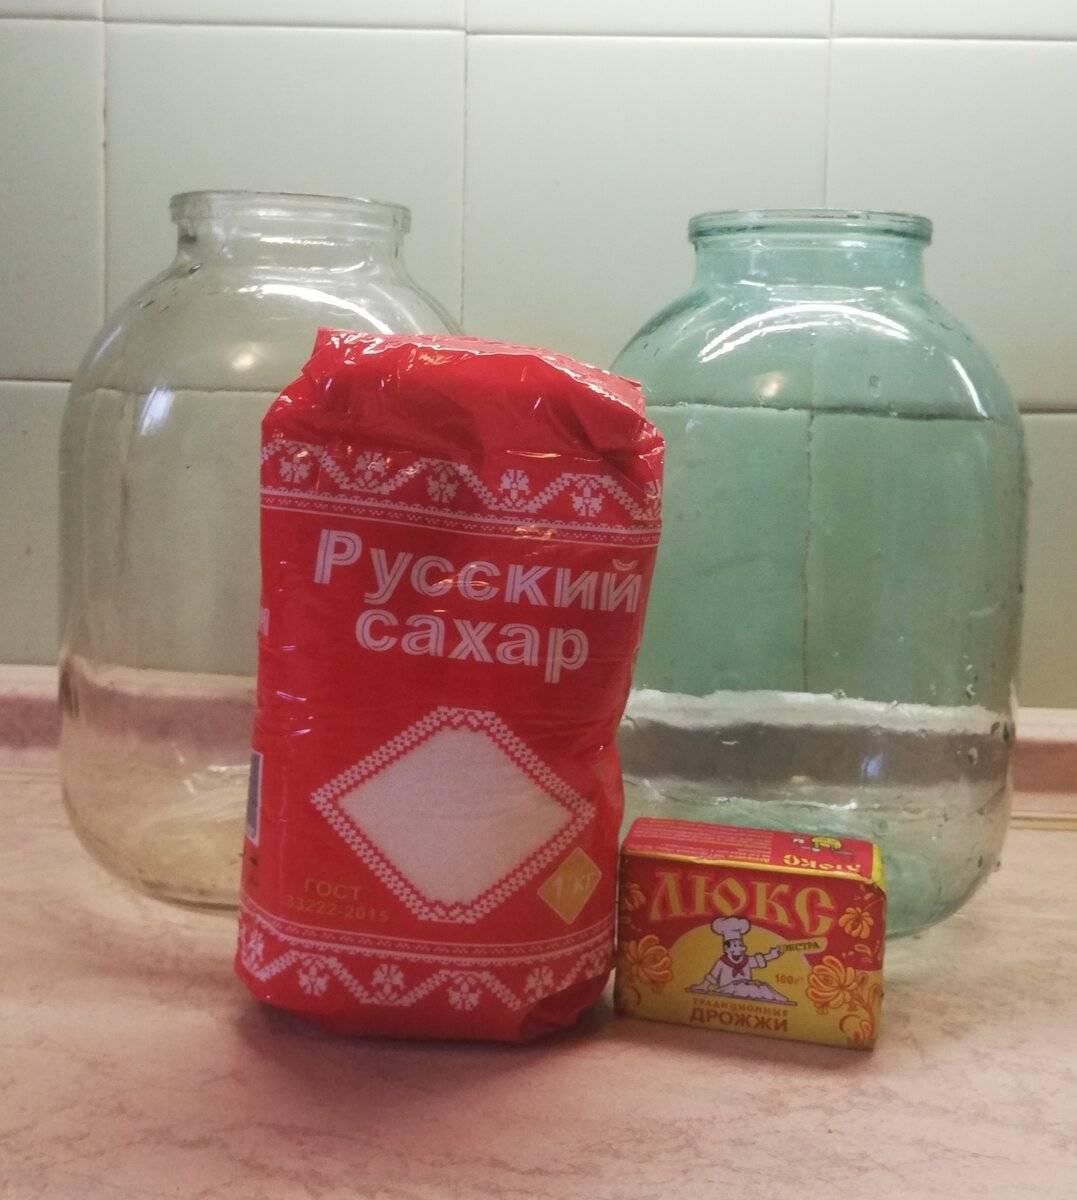 Как правильно поставить брагу из варенья? пропорции для самогона и для питья